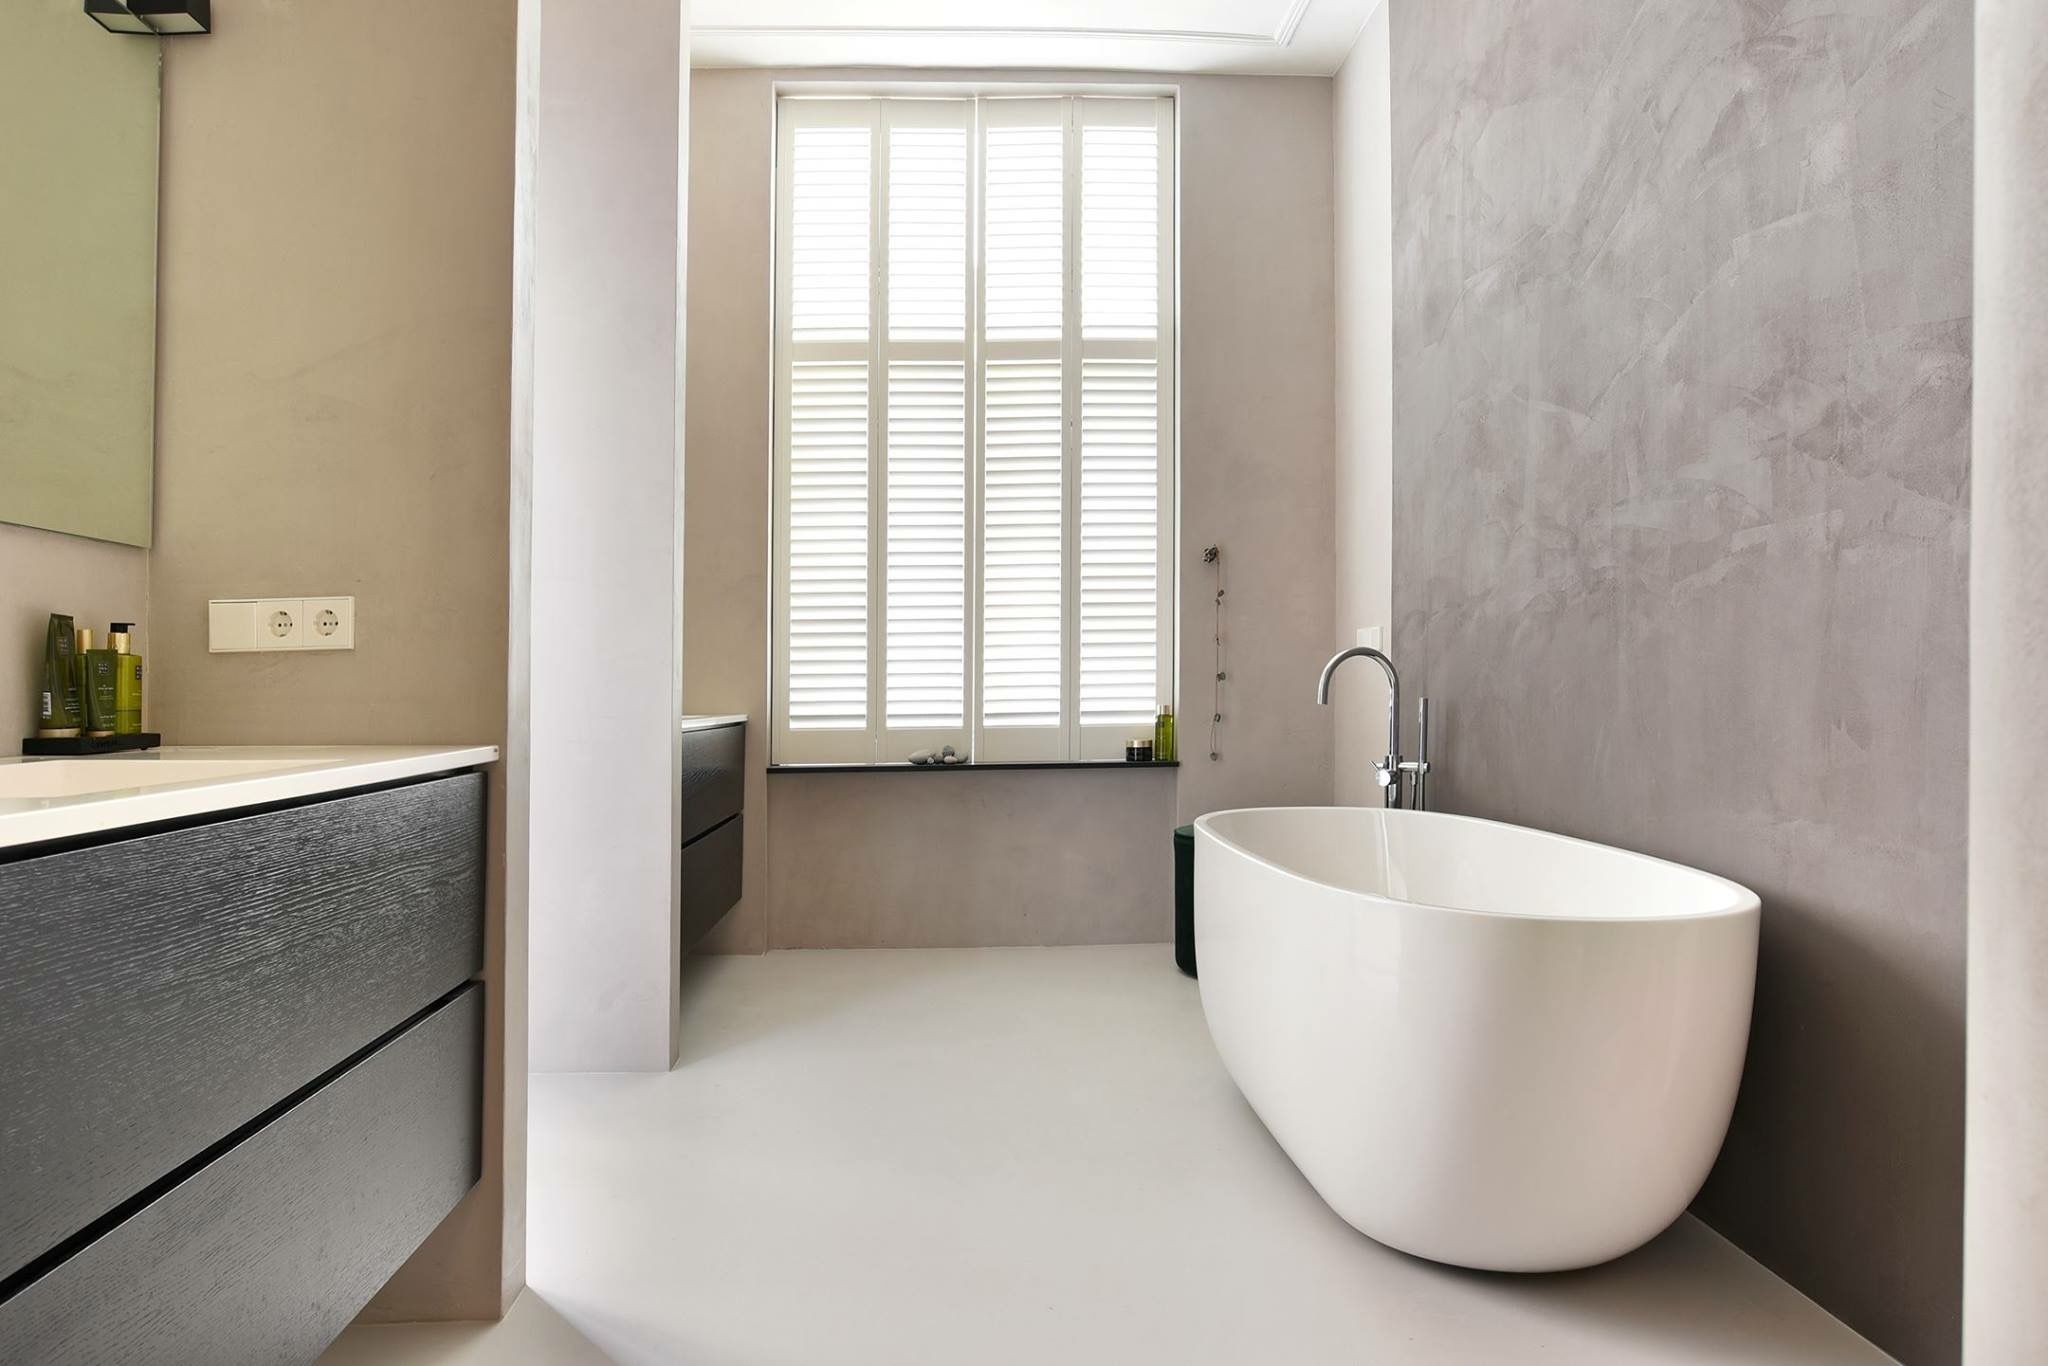 Badkamer Met Gietvloer : Lichte moderne badkamer met gietvloer en vrijstaand bad furniture